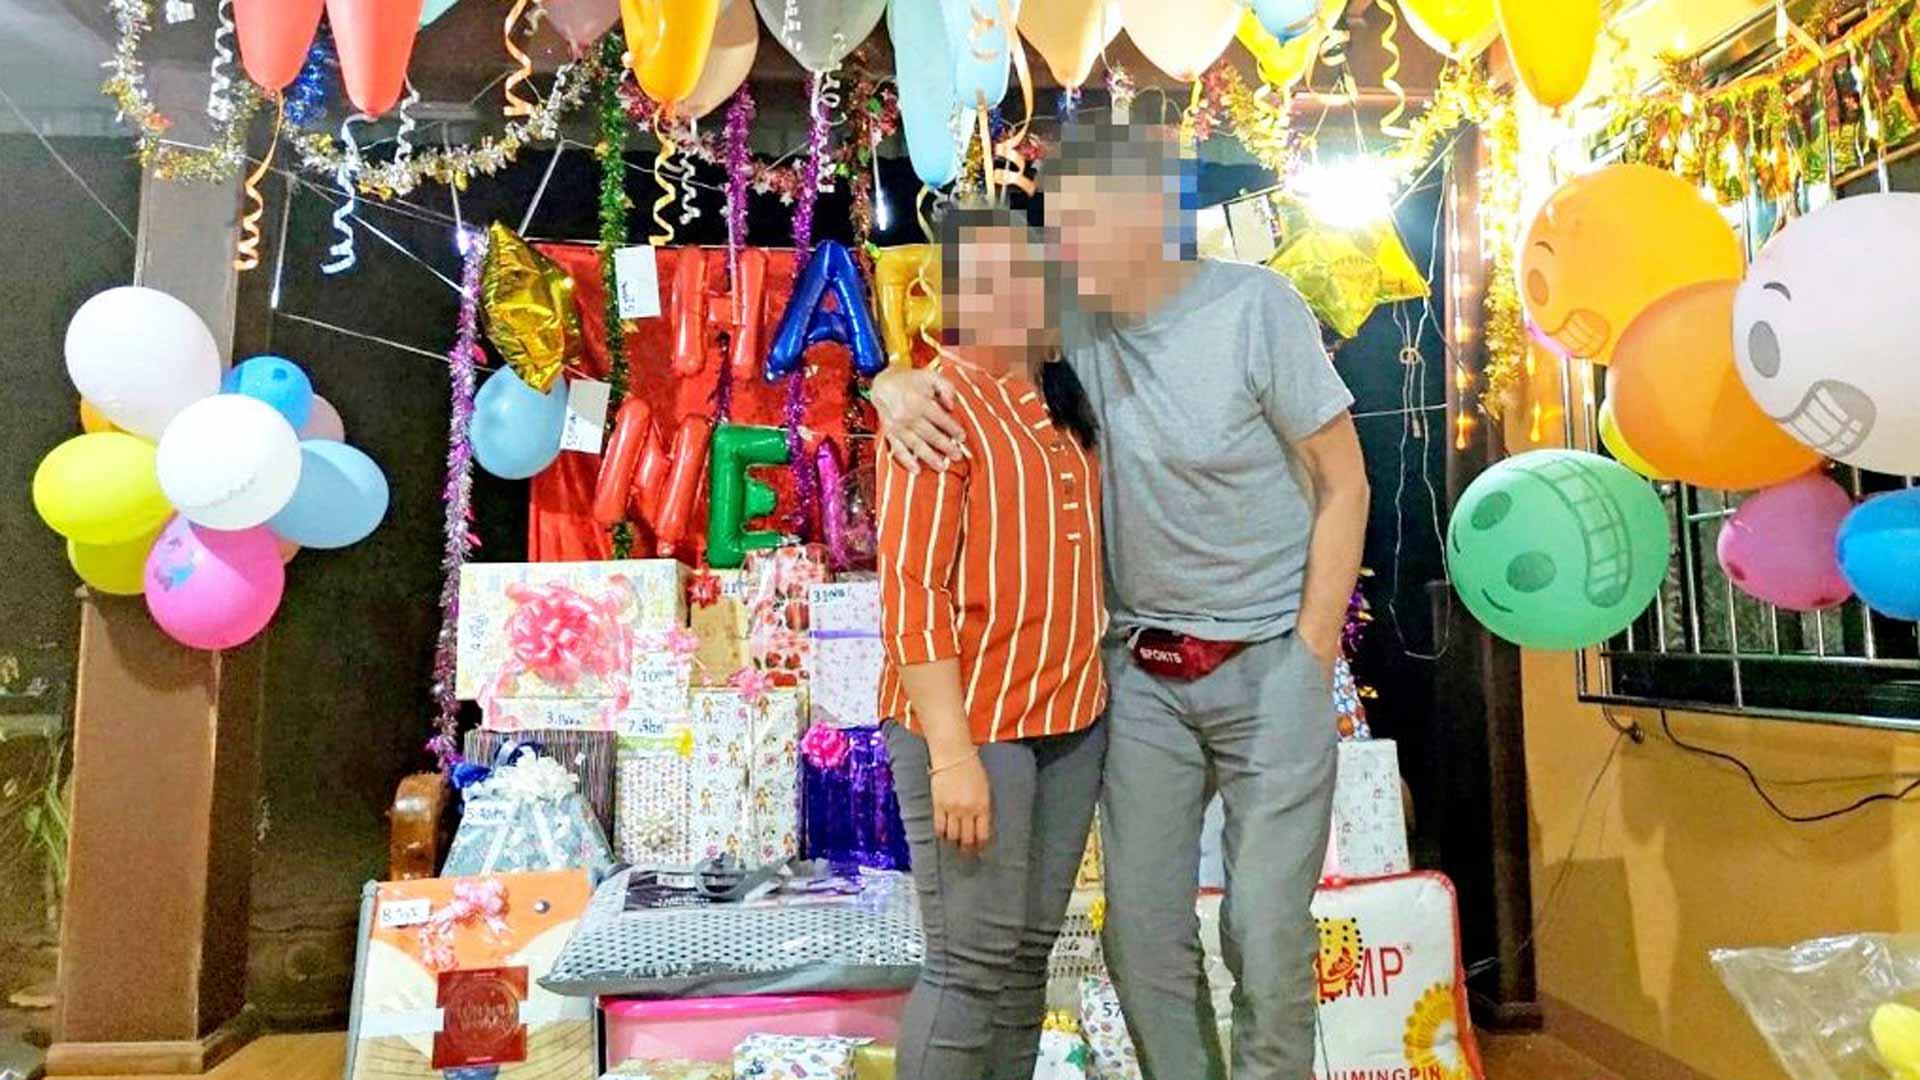 Paulin thaimaalainen vaimo jäi kiinni salasuhteesta brittimieheen.Thaimaan naimakaupat paljastivat vaimon kaksoiselämän.